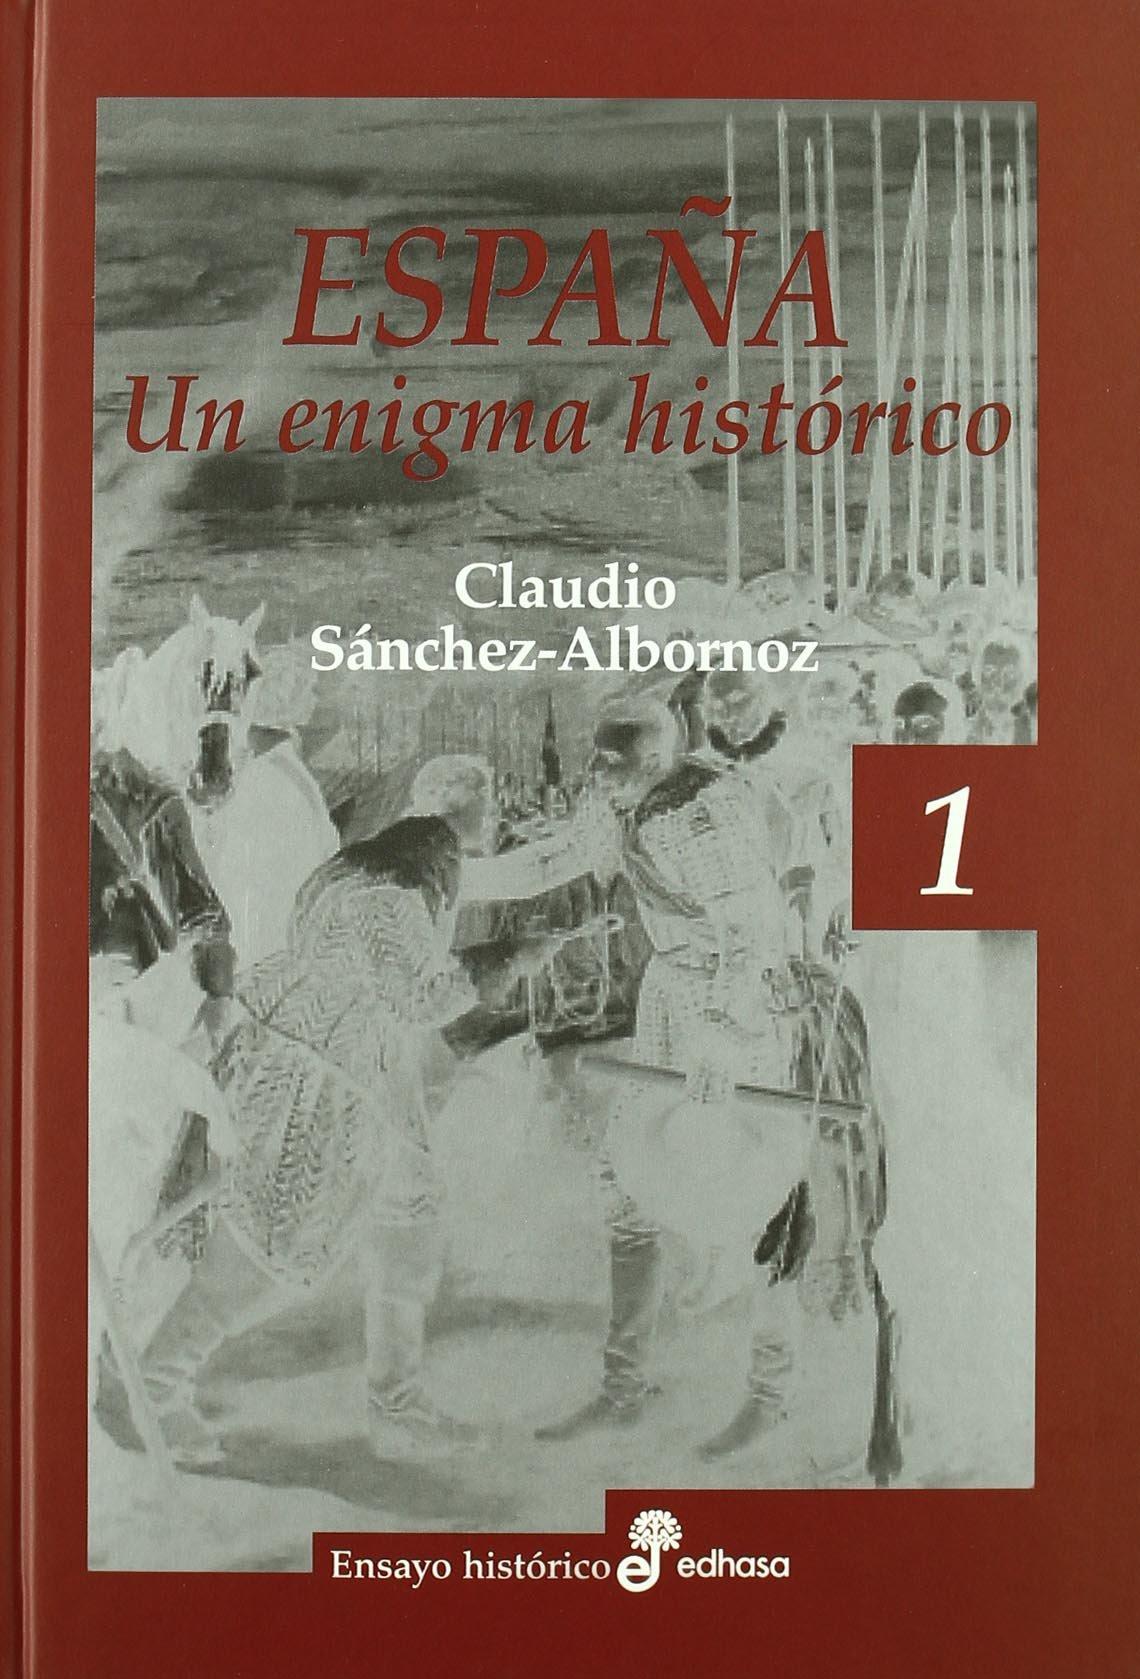 Espa¤a, un enigma hist¢rico (Ensayo histórico): Amazon.es: Sánchez ...